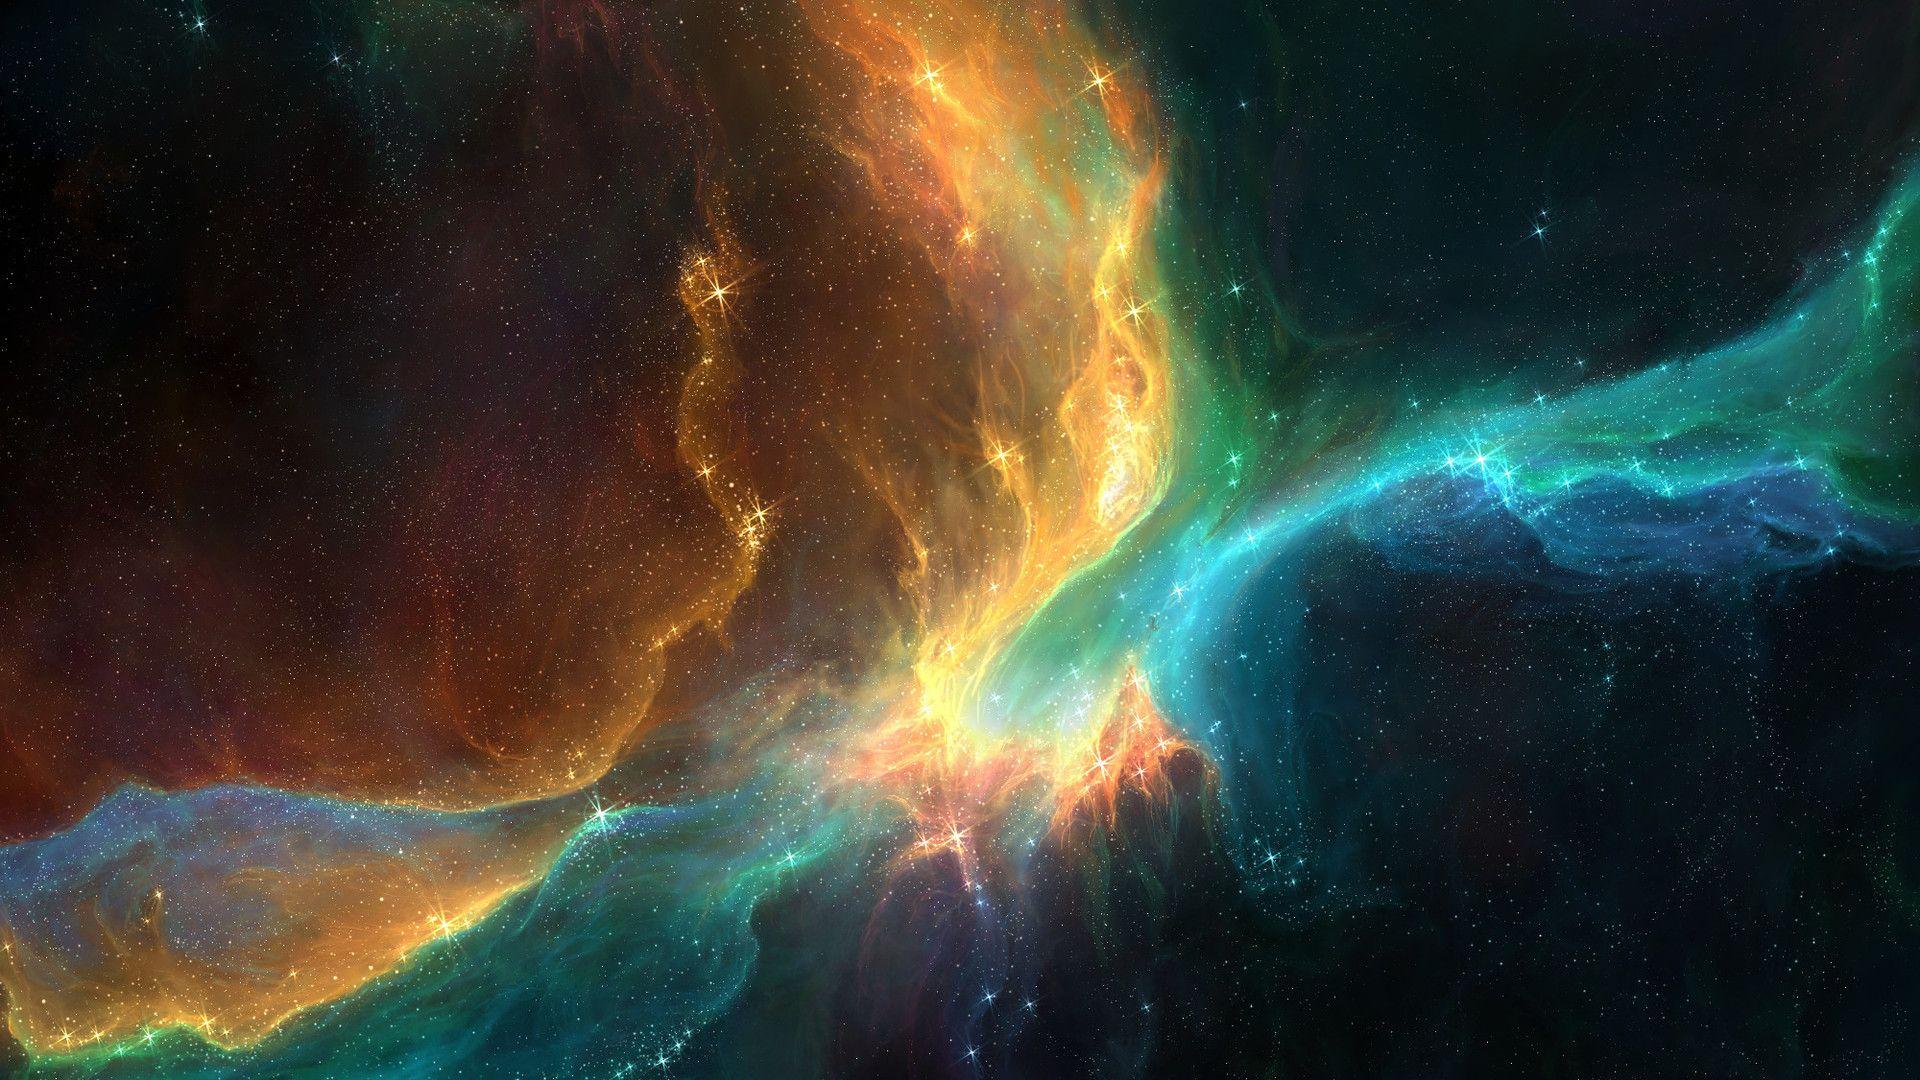 Amber Amp Turquoise Nebula 1920x1080 Nebula Wallpaper Wallpaper Space Outer Space Wallpaper